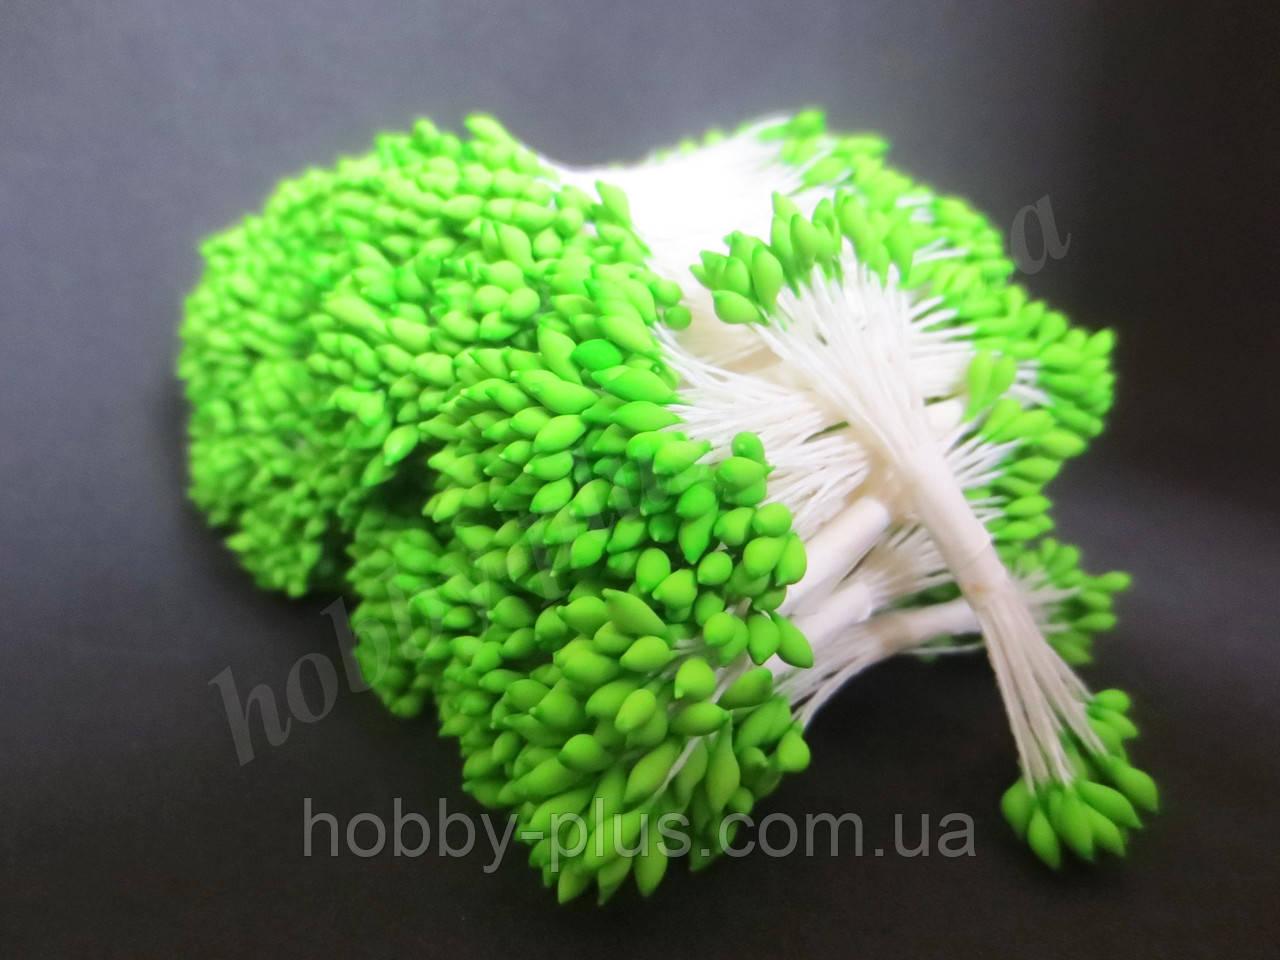 Тайские тычинки, ЯРКО-ЗЕЛЕНЫЕ, каплевидные на белой ните, 23-25 нитей, 50 головок